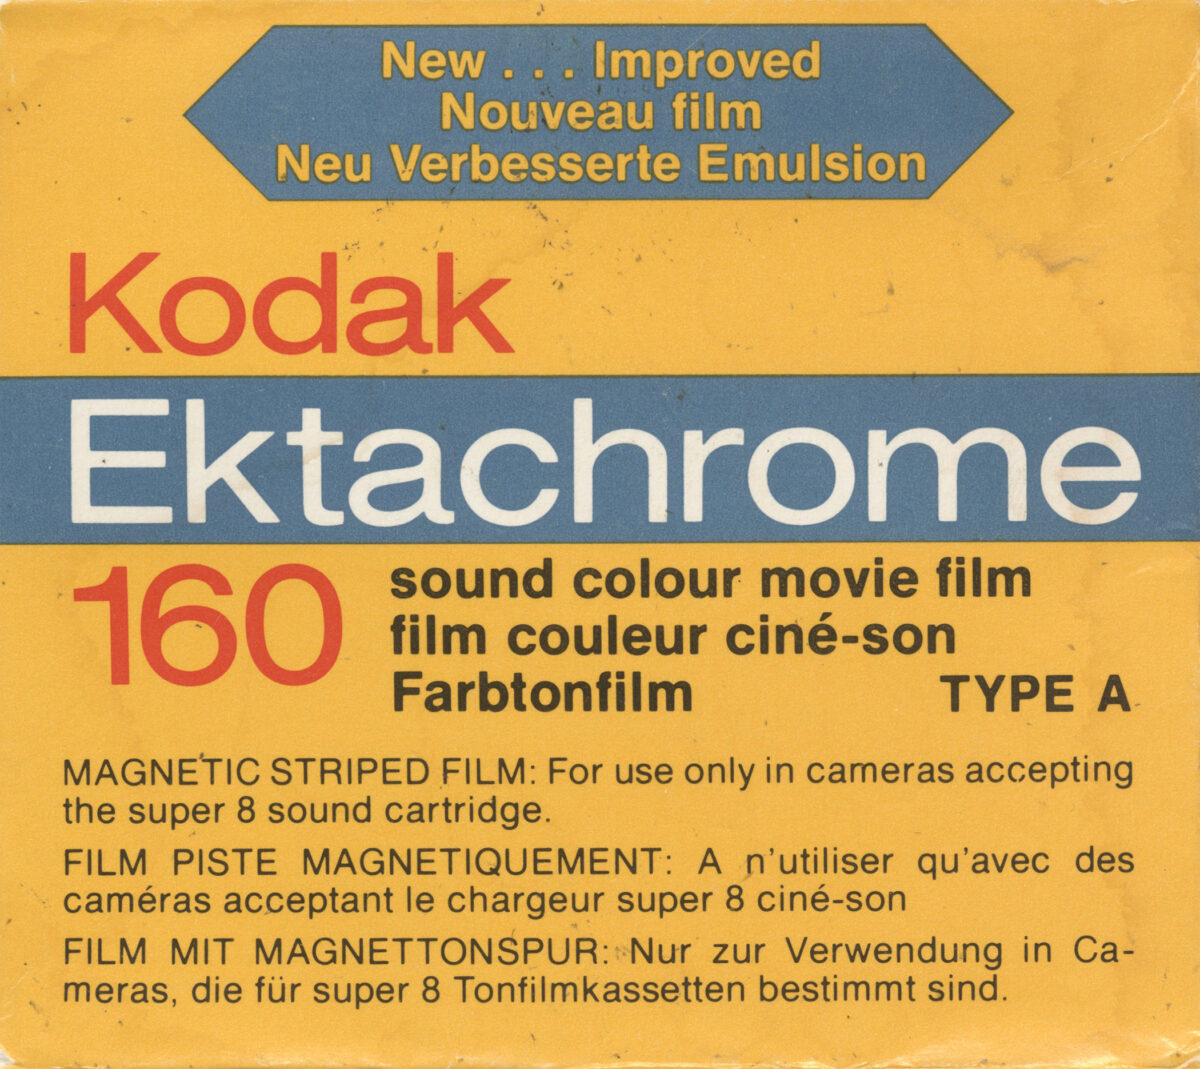 Kodak Ektachrome E160